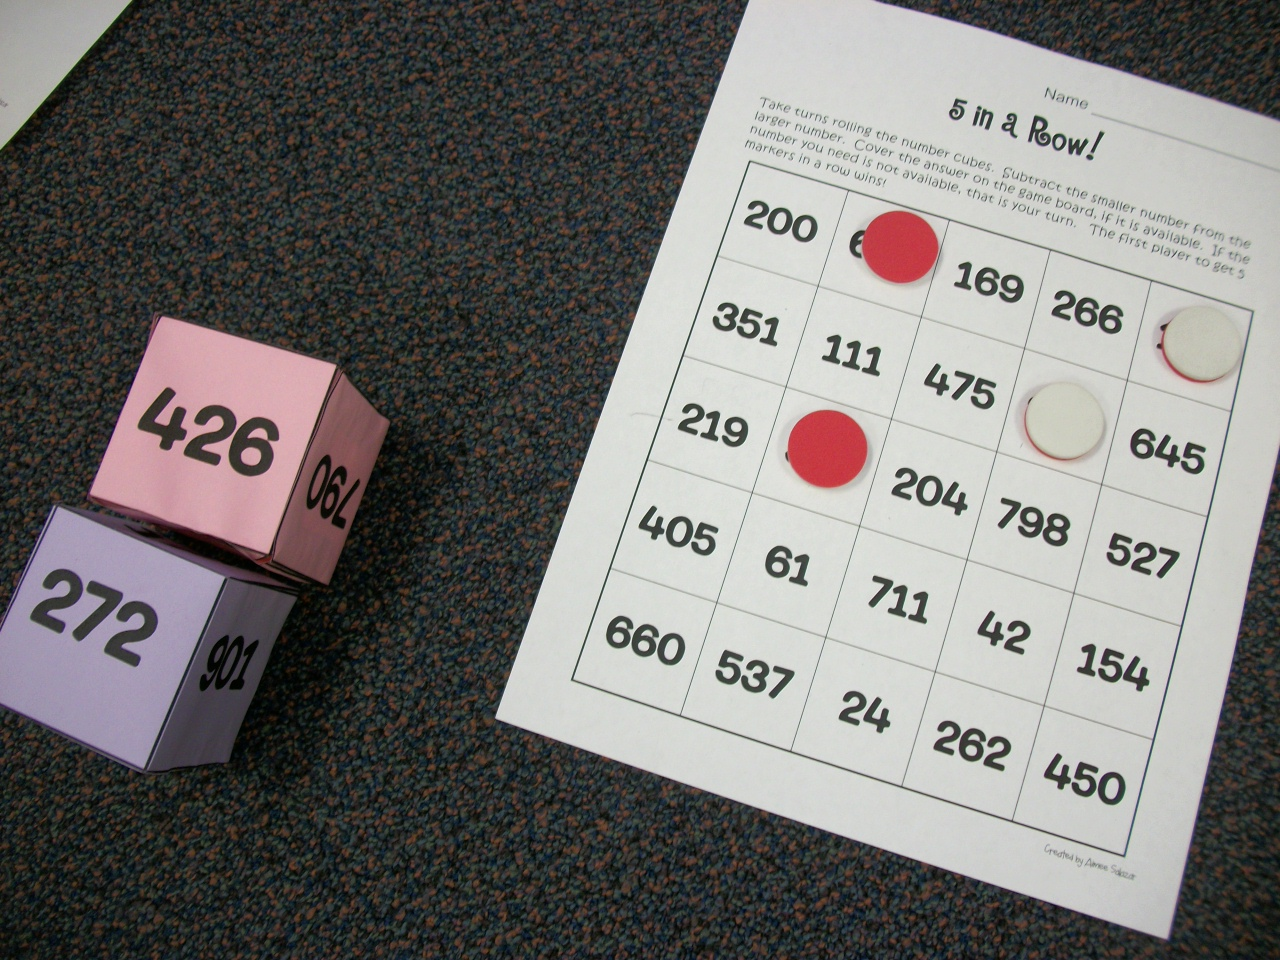 Workbooks subtracting three digit numbers worksheets : Three Digit Addition and Subtraction is Fun! | Primarily Speaking